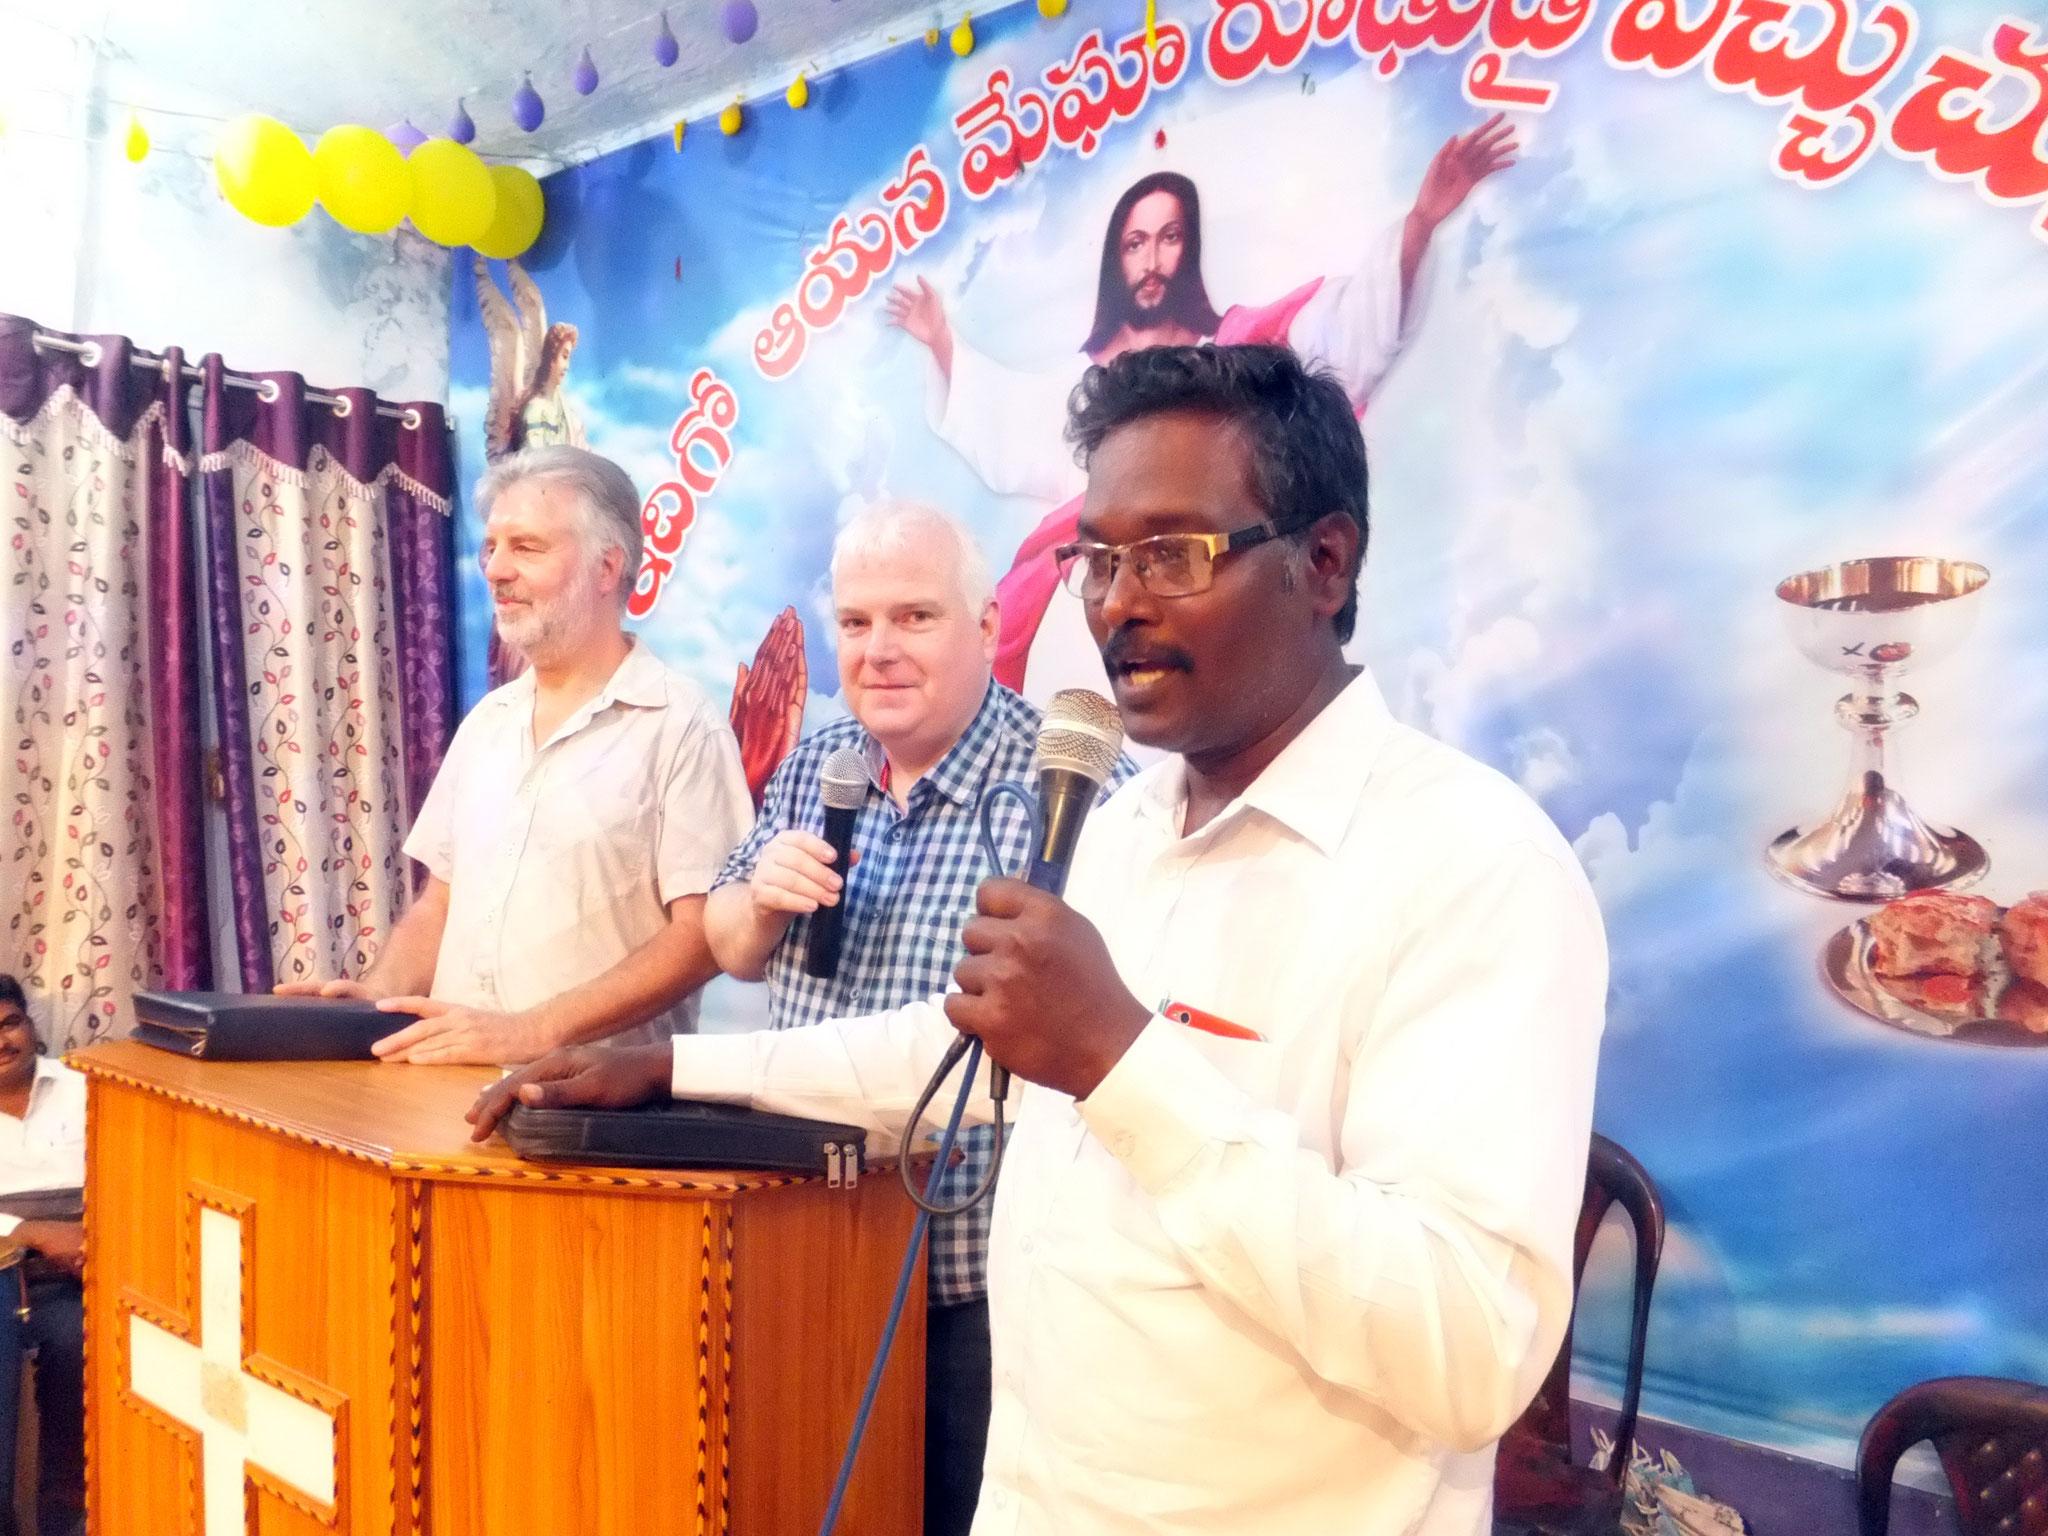 Predigt in drei Sprachen - Deutsch - Englisch - Telugu